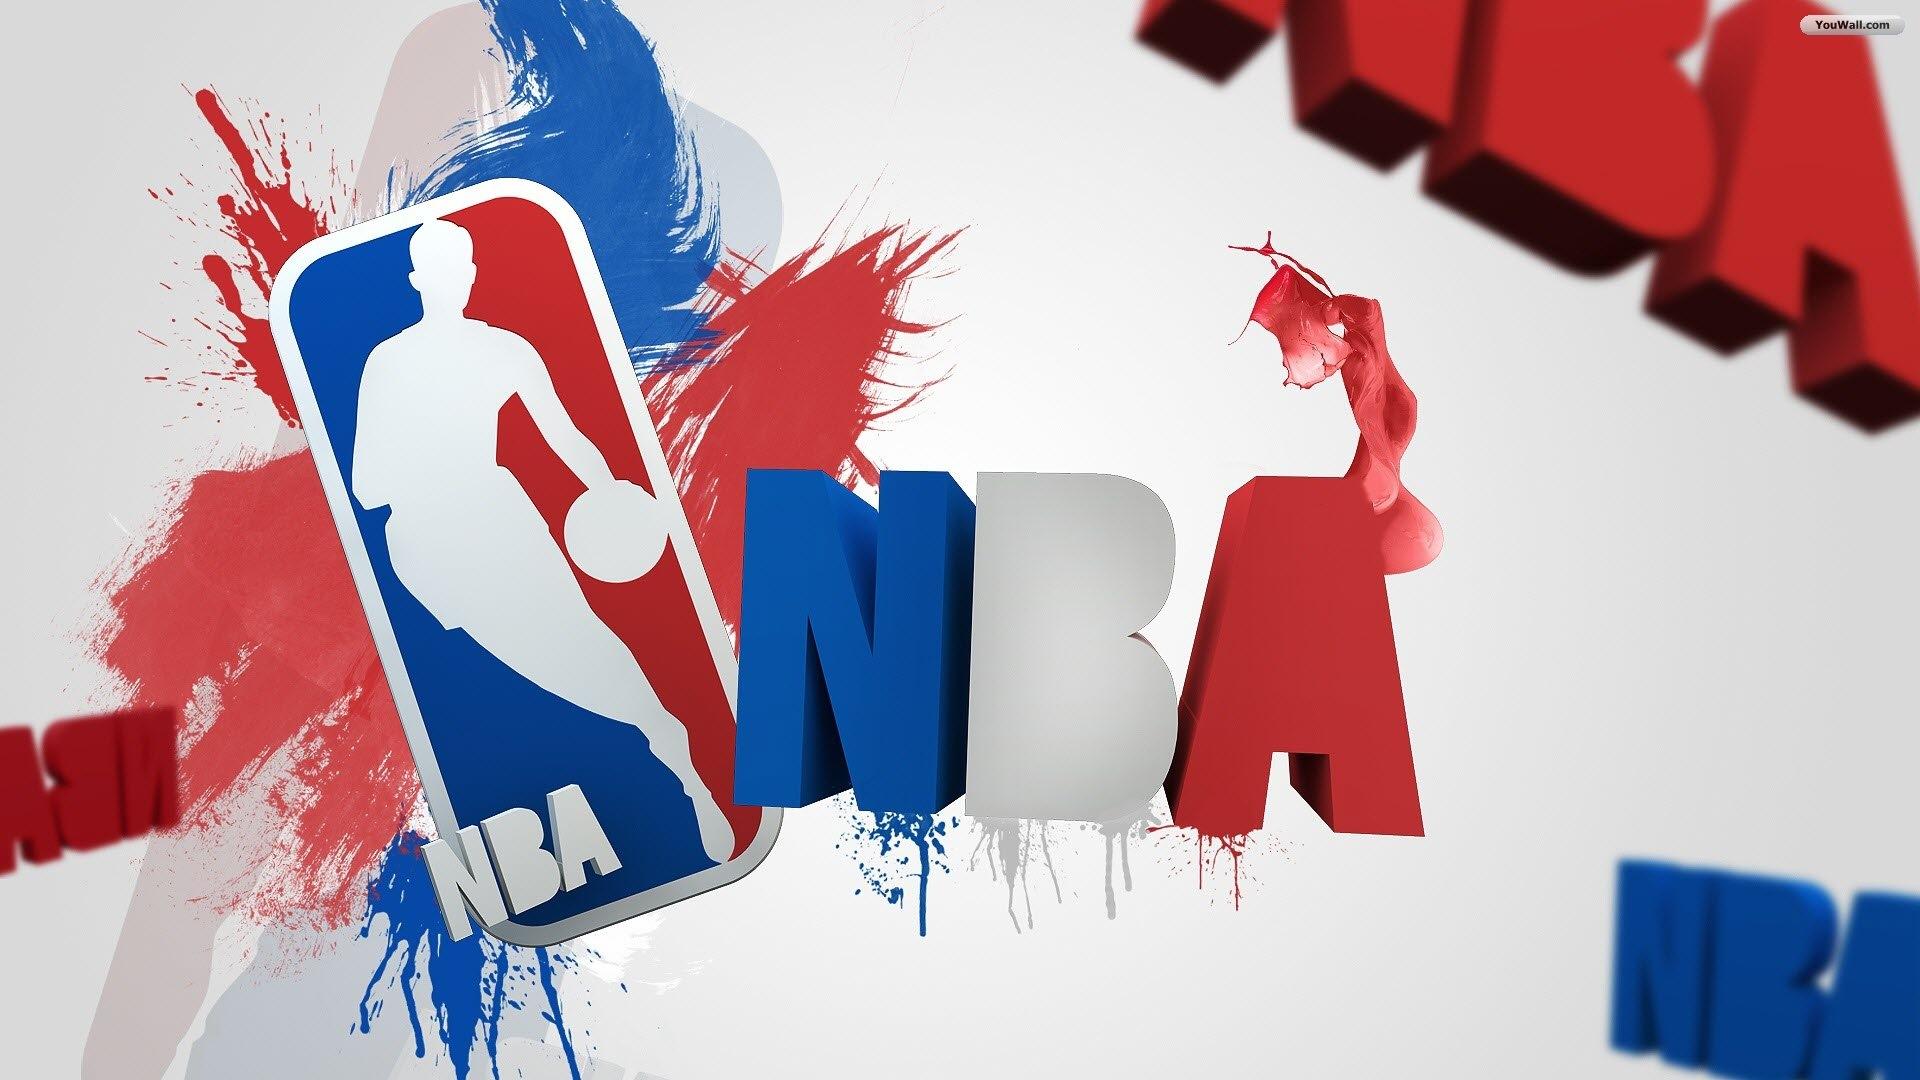 Първенство на Националната баскетболна асоциация на САЩ и Канада (НБА),